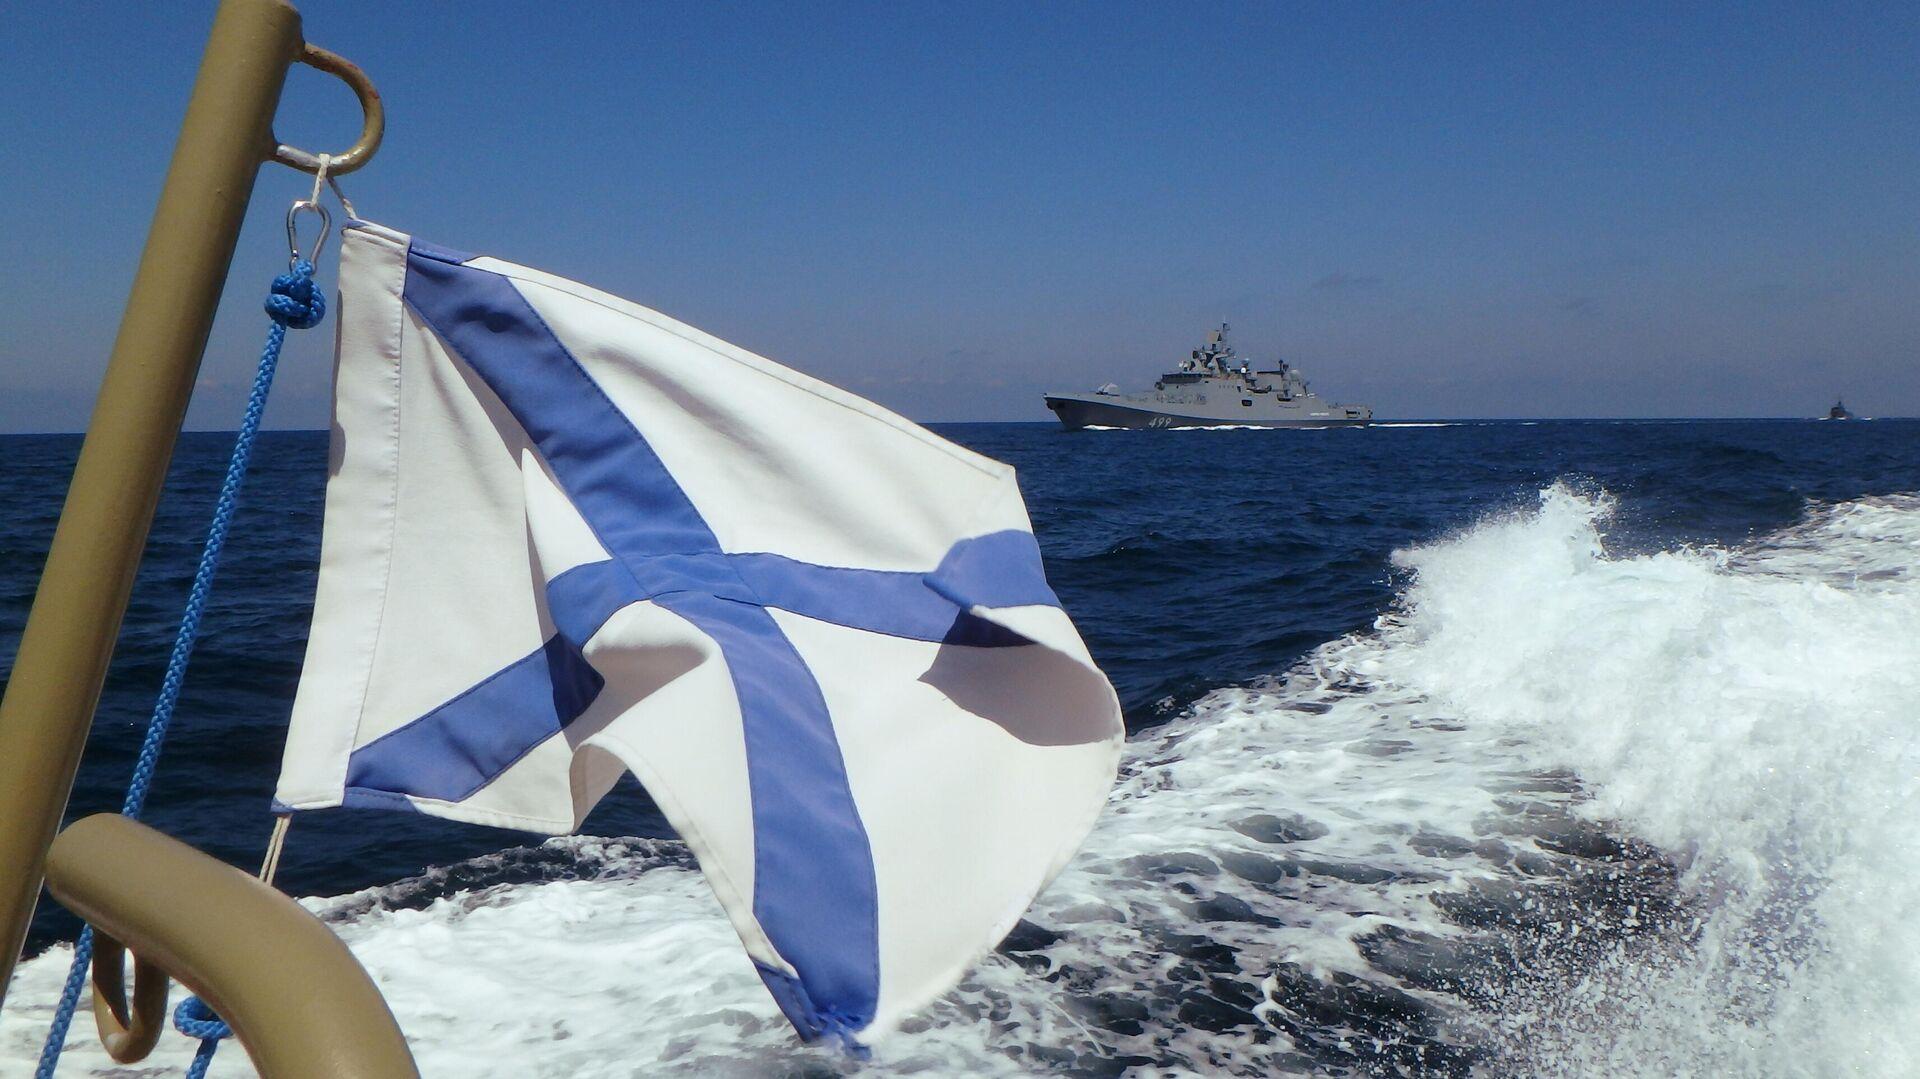 Фрегат Адмирал Макаров участвует в параде в День ВМФ РФ на рейде сирийского порта Тартус - РИА Новости, 1920, 14.04.2021